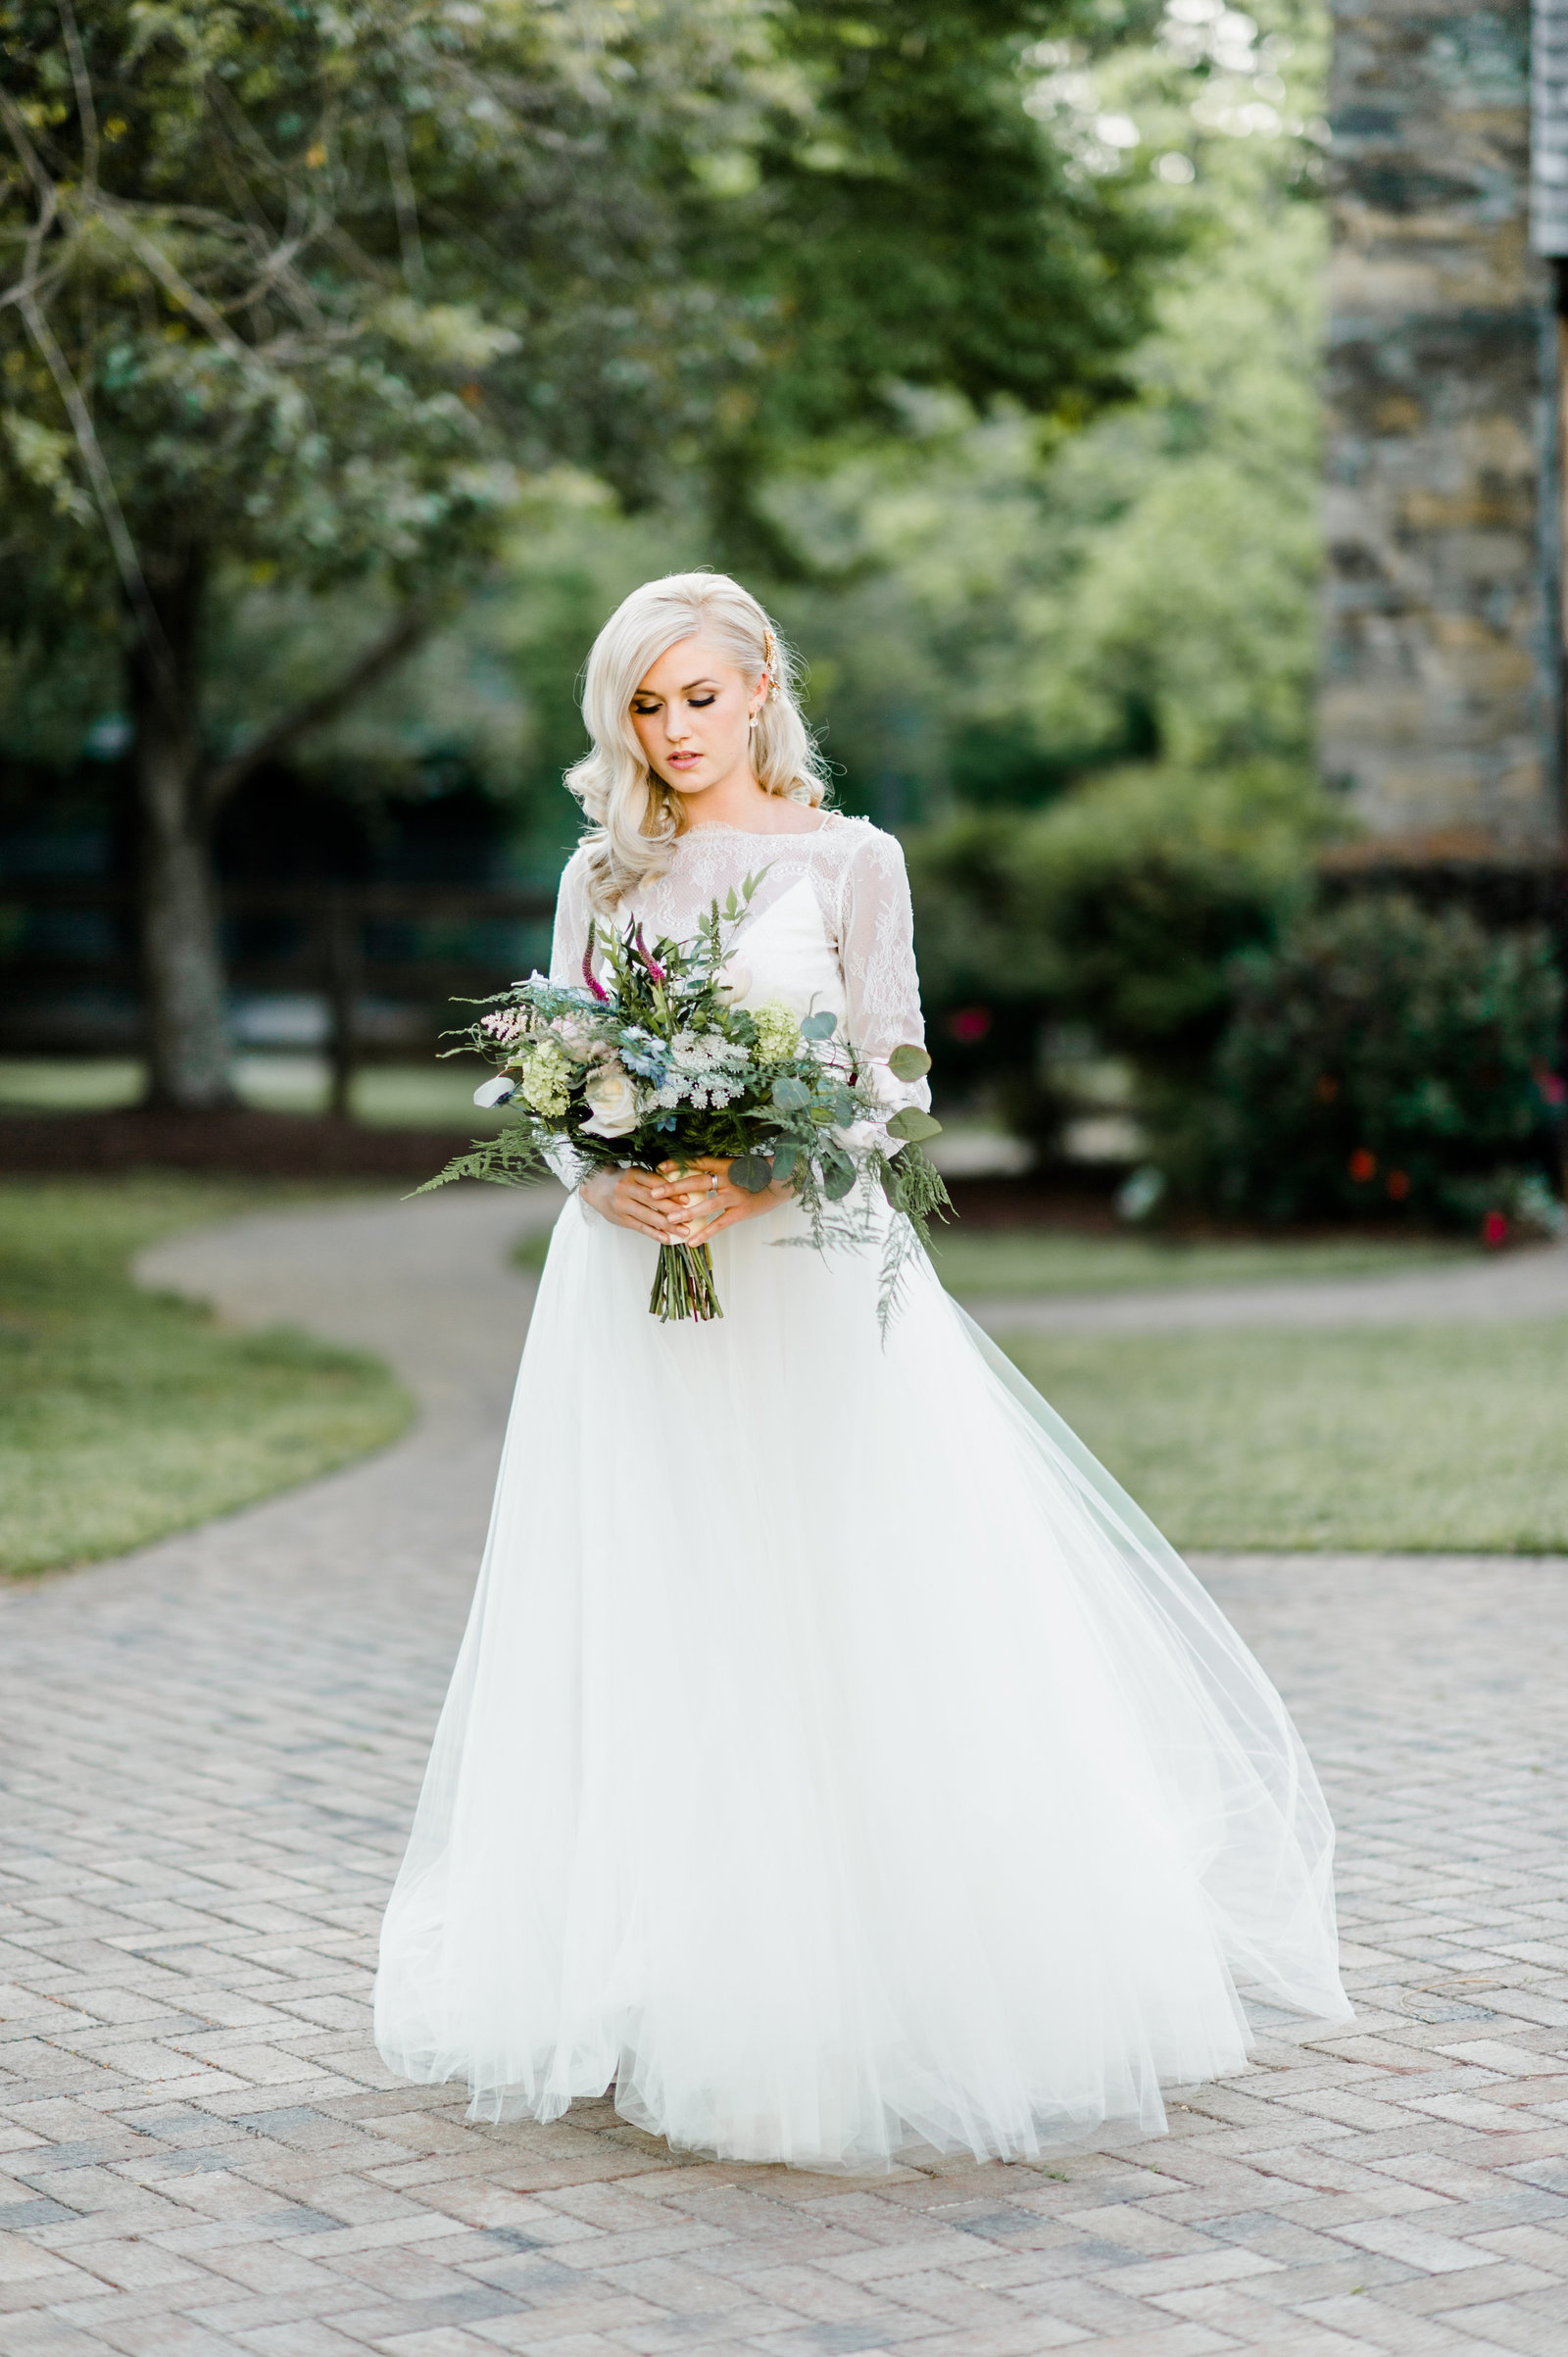 CarolineLimaPhotography_TheSutherland_Editorial_2016_233